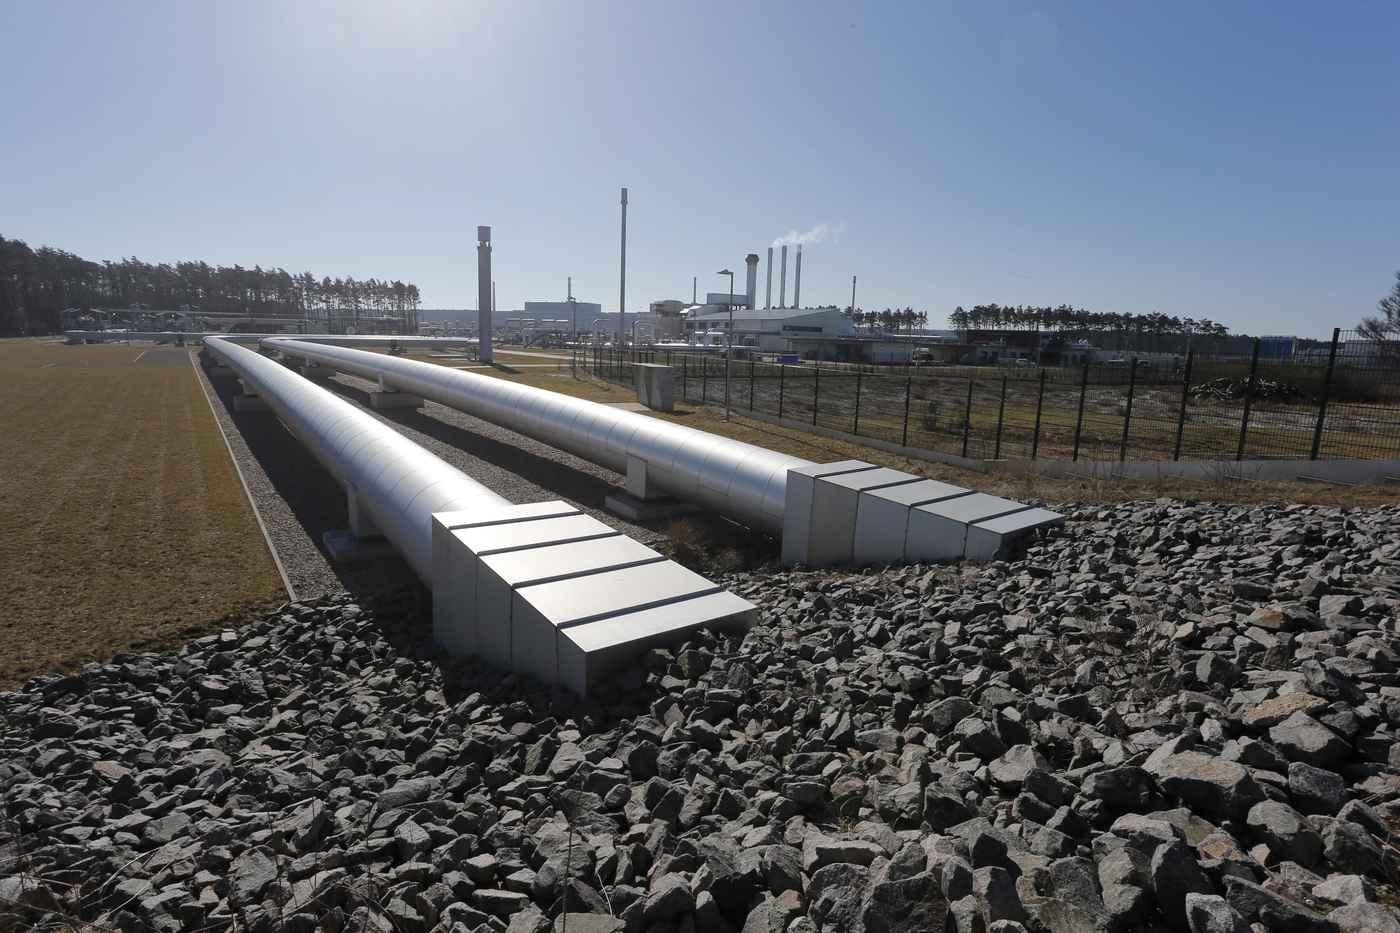 Die Anlandestation von Nord Stream in Deutschland befindet sich am Energiestandort Lubminer Heide in der Nähe von Greifswald. Das 12 Hektar große Gelände umfasst auch die Übernahmestation der Nord Stream-Anschlussleitungen OPAL und NEL. Im Eingangsbereich der Anlandestation sind Ausdehnungsbögen eingebaut, um eine eventuelle Ausdehnung der Pipeline auszugleichen. Daran schließen sich Sicherheitsabsperrventile und die Molch-Empfangsschleusen an. Das russische Erdgas wird auf der Übernahmestation in die anschließenden Leitungsstränge von OPAL und NEL eingespeist und für den Weitertransport im europäischen Fernleitungssystem vorbereitet.